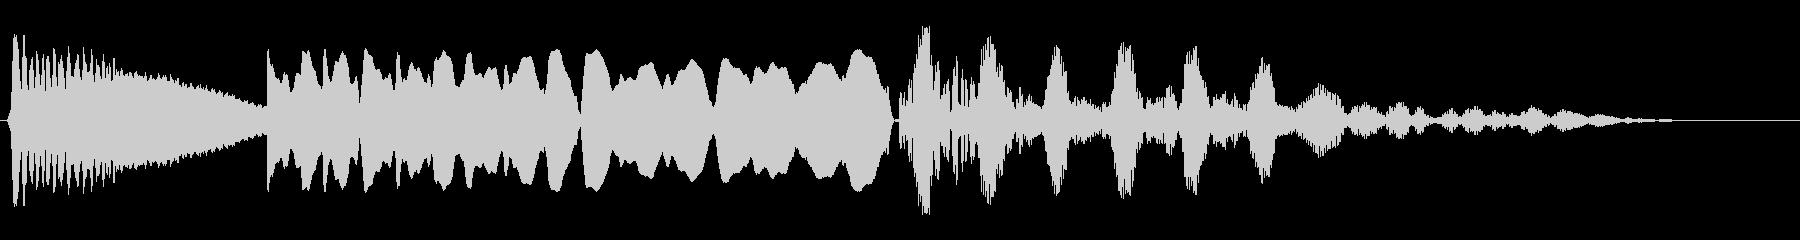 ボヨヨンビューンバシューン(落下)の未再生の波形